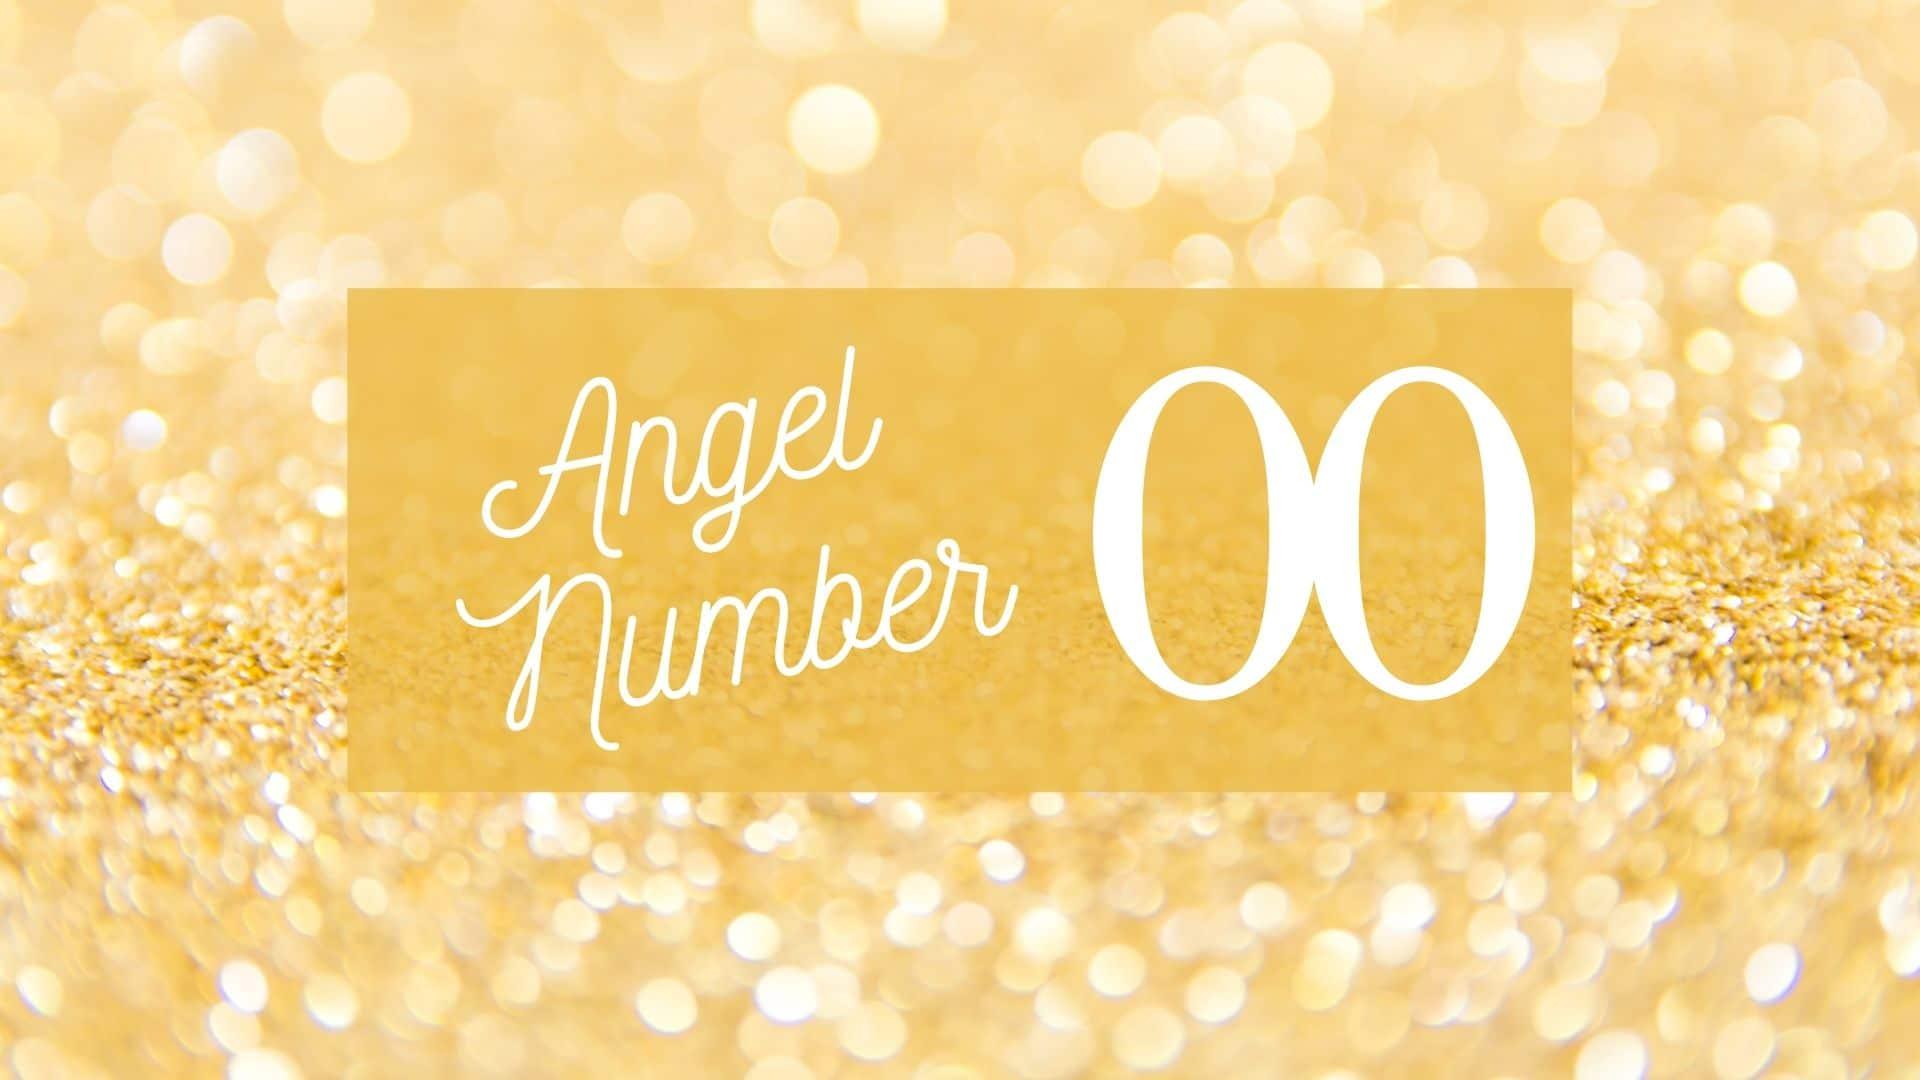 angel number 00